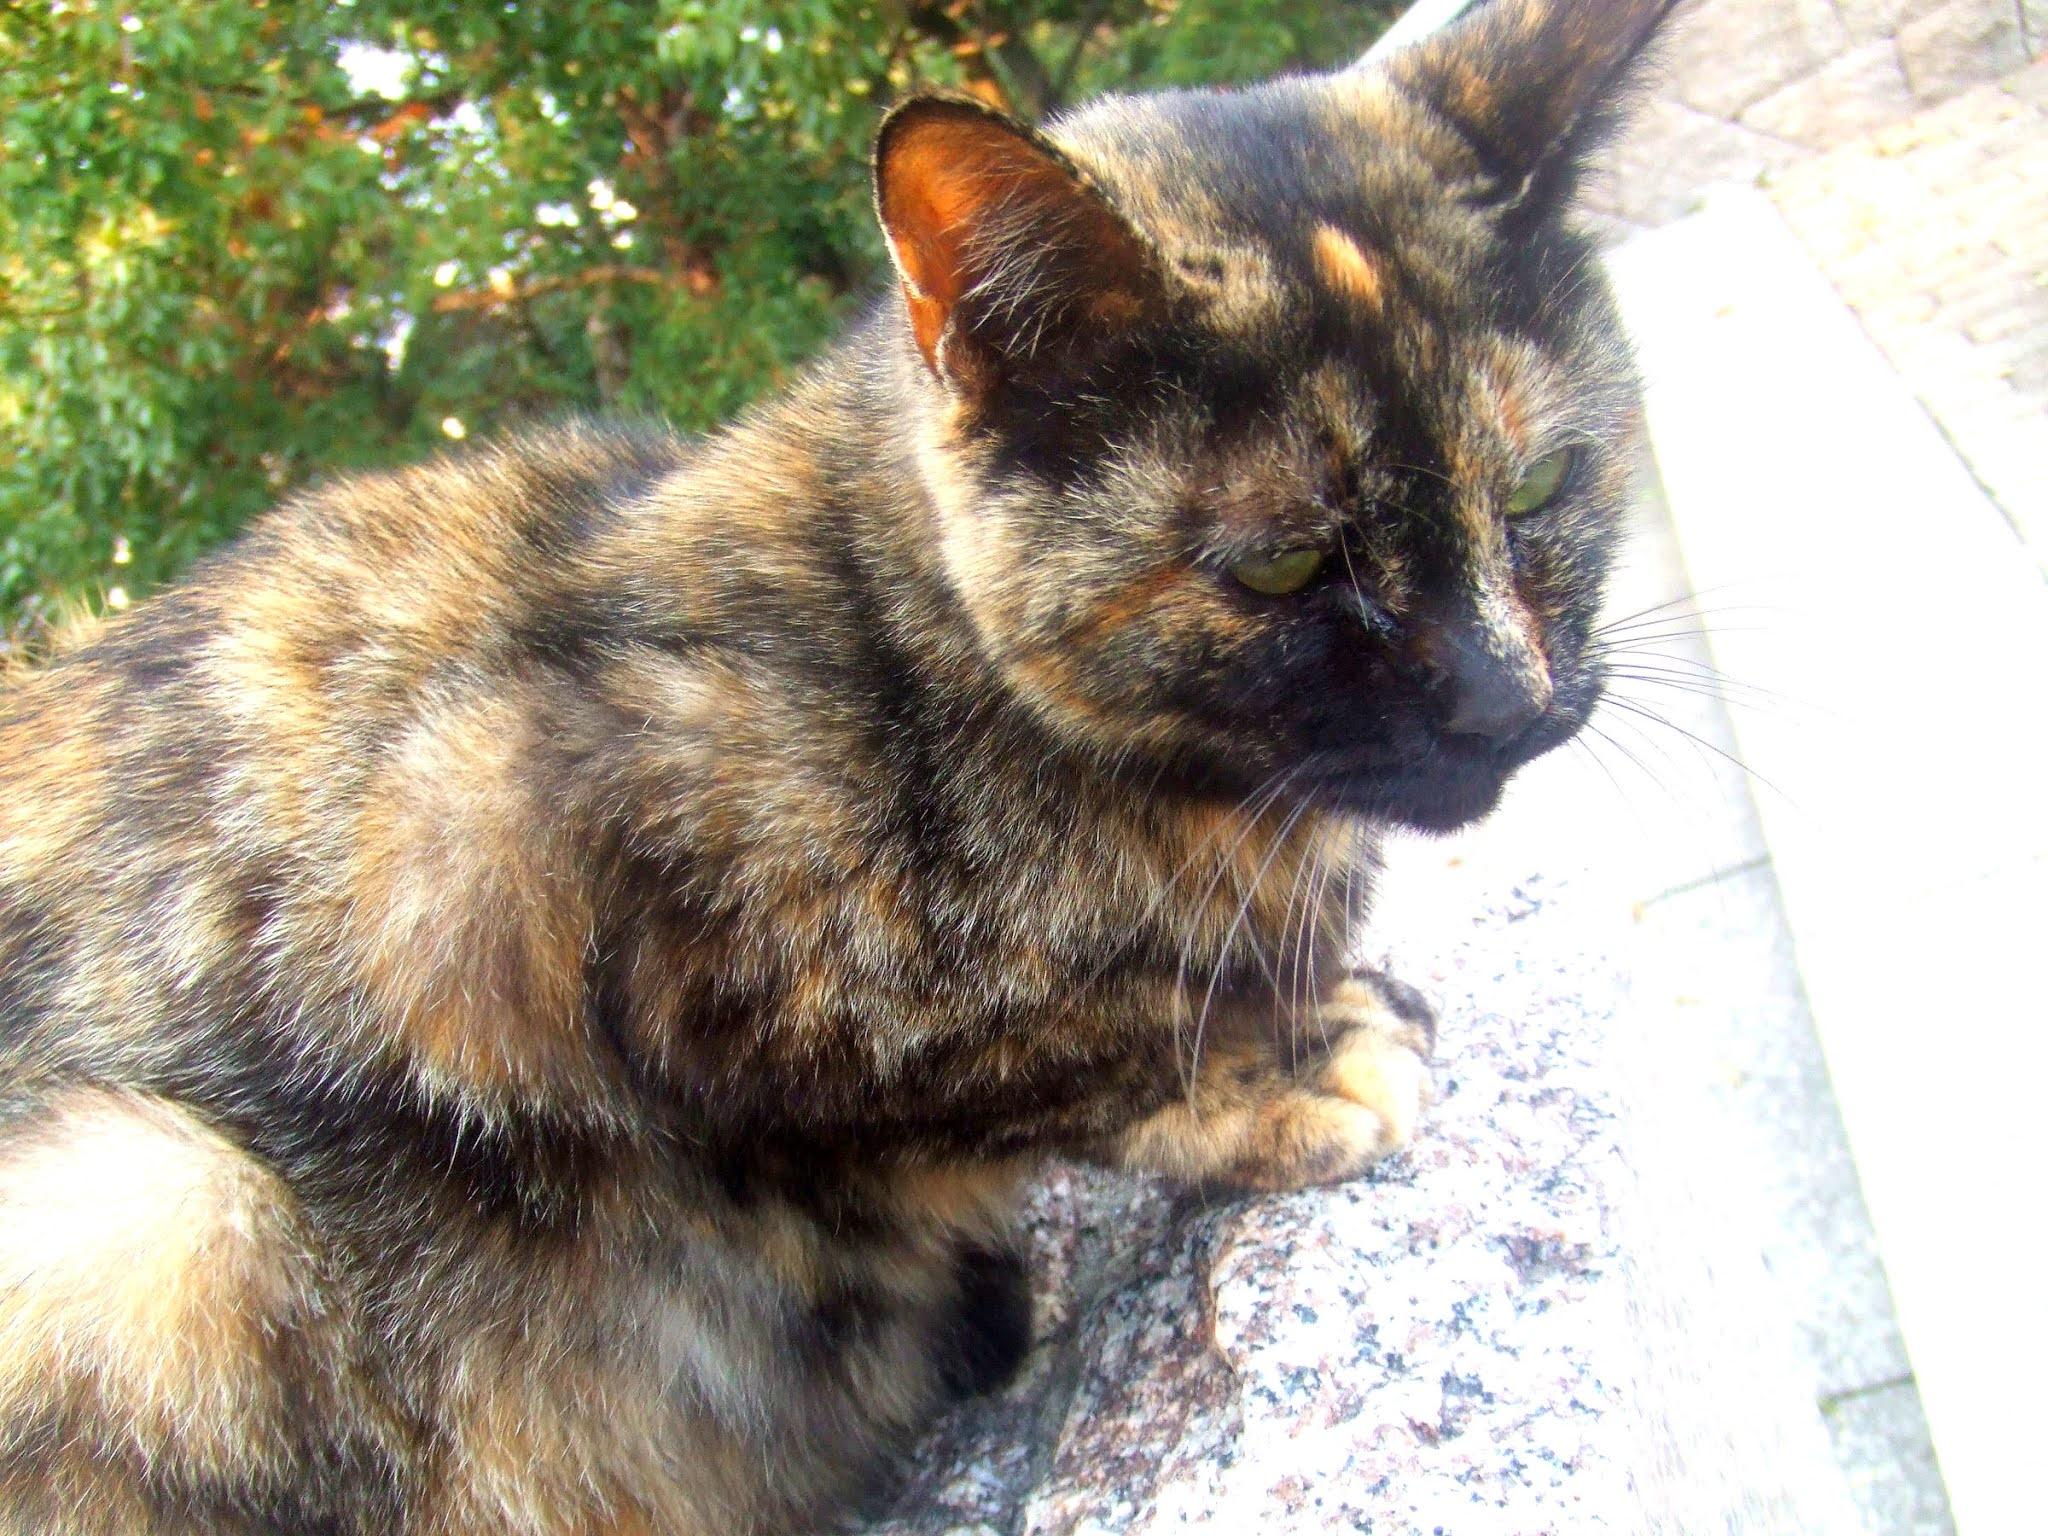 猫さんの全体の写真です。サビ猫さんの、ちょっと背中を丸めたかわいいポーズ。猫ブログなどにどうでしょう。